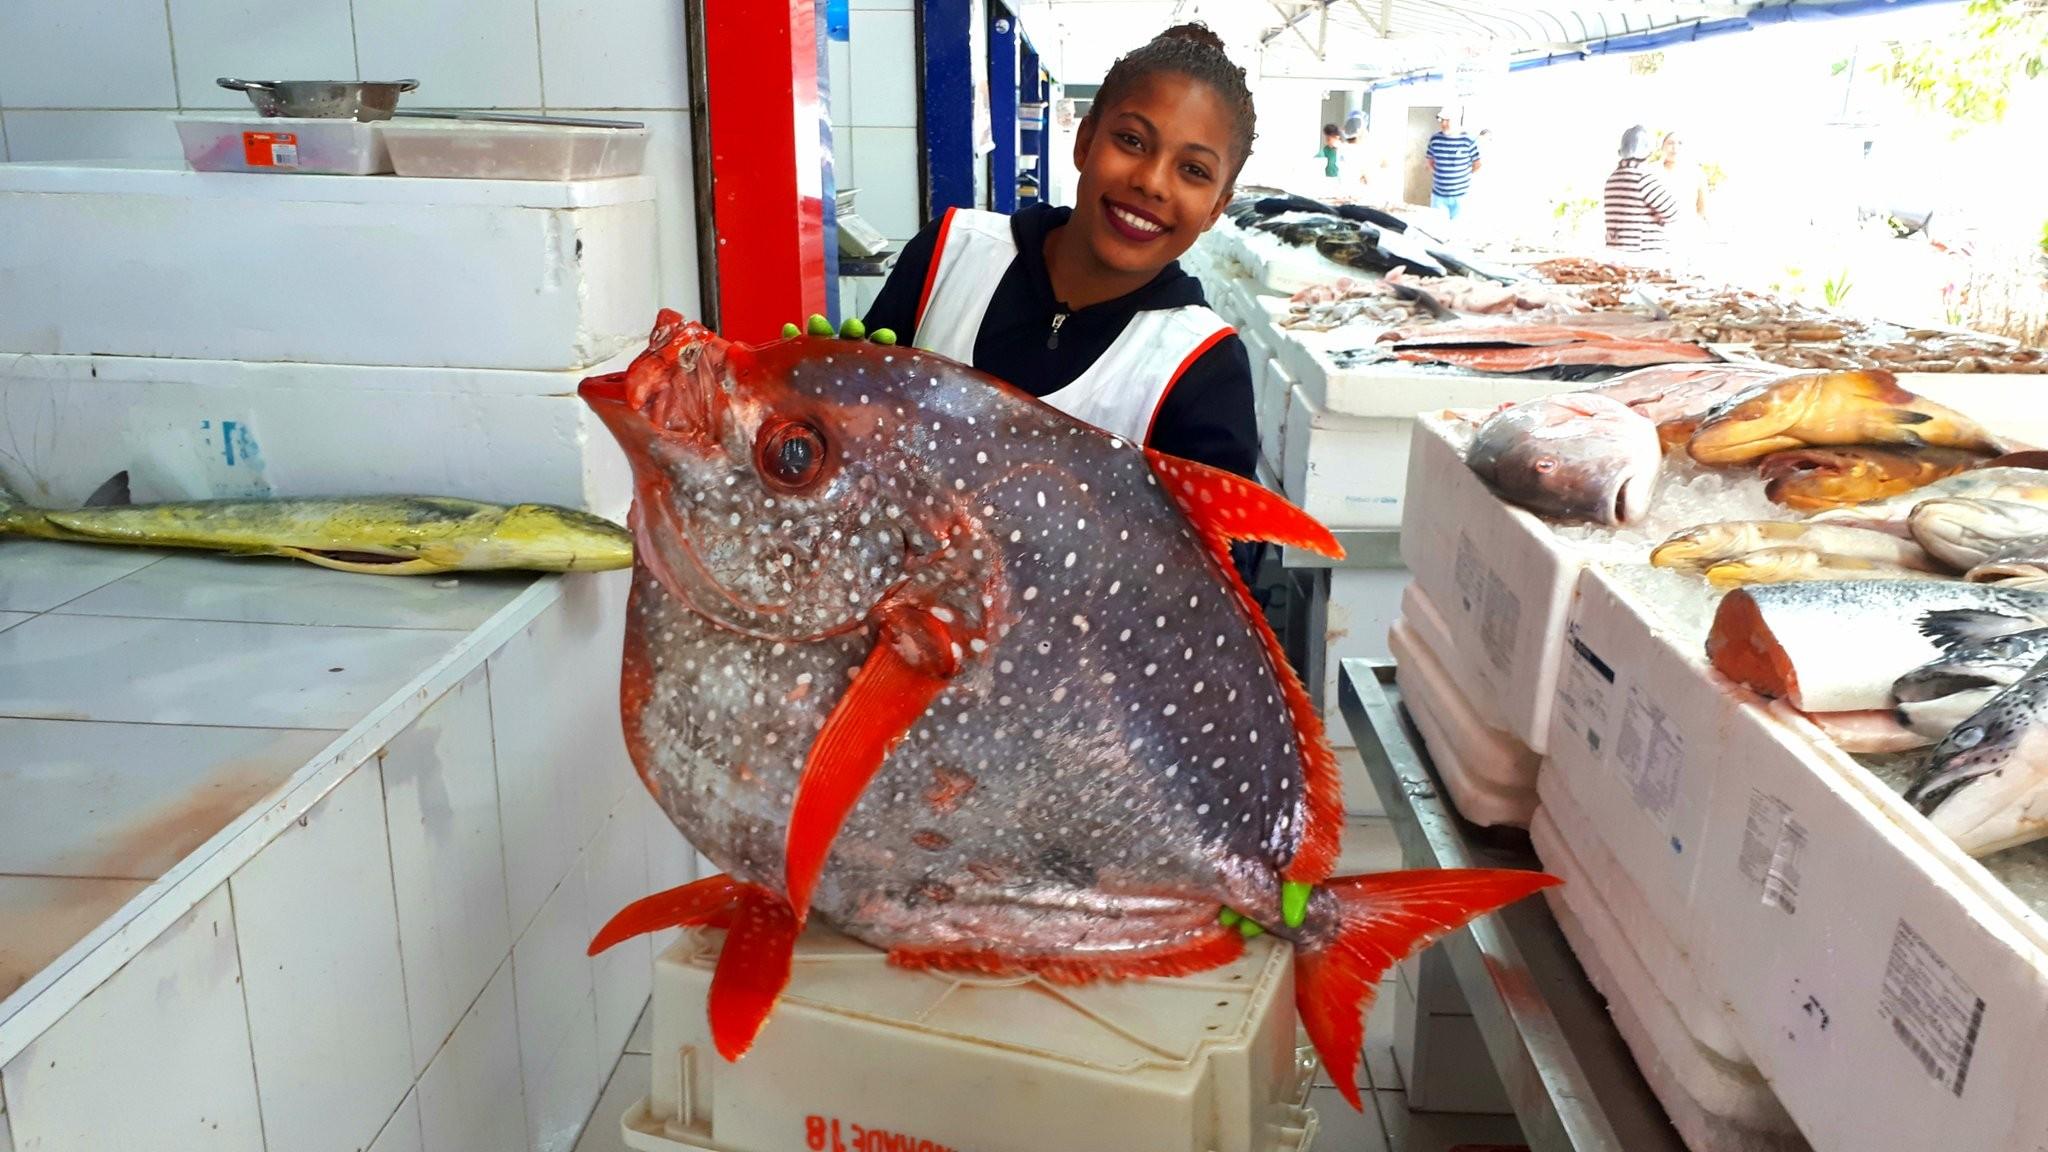 Peixe gigante e de raro 'sangue quente' aparece em SP e intriga especialistas